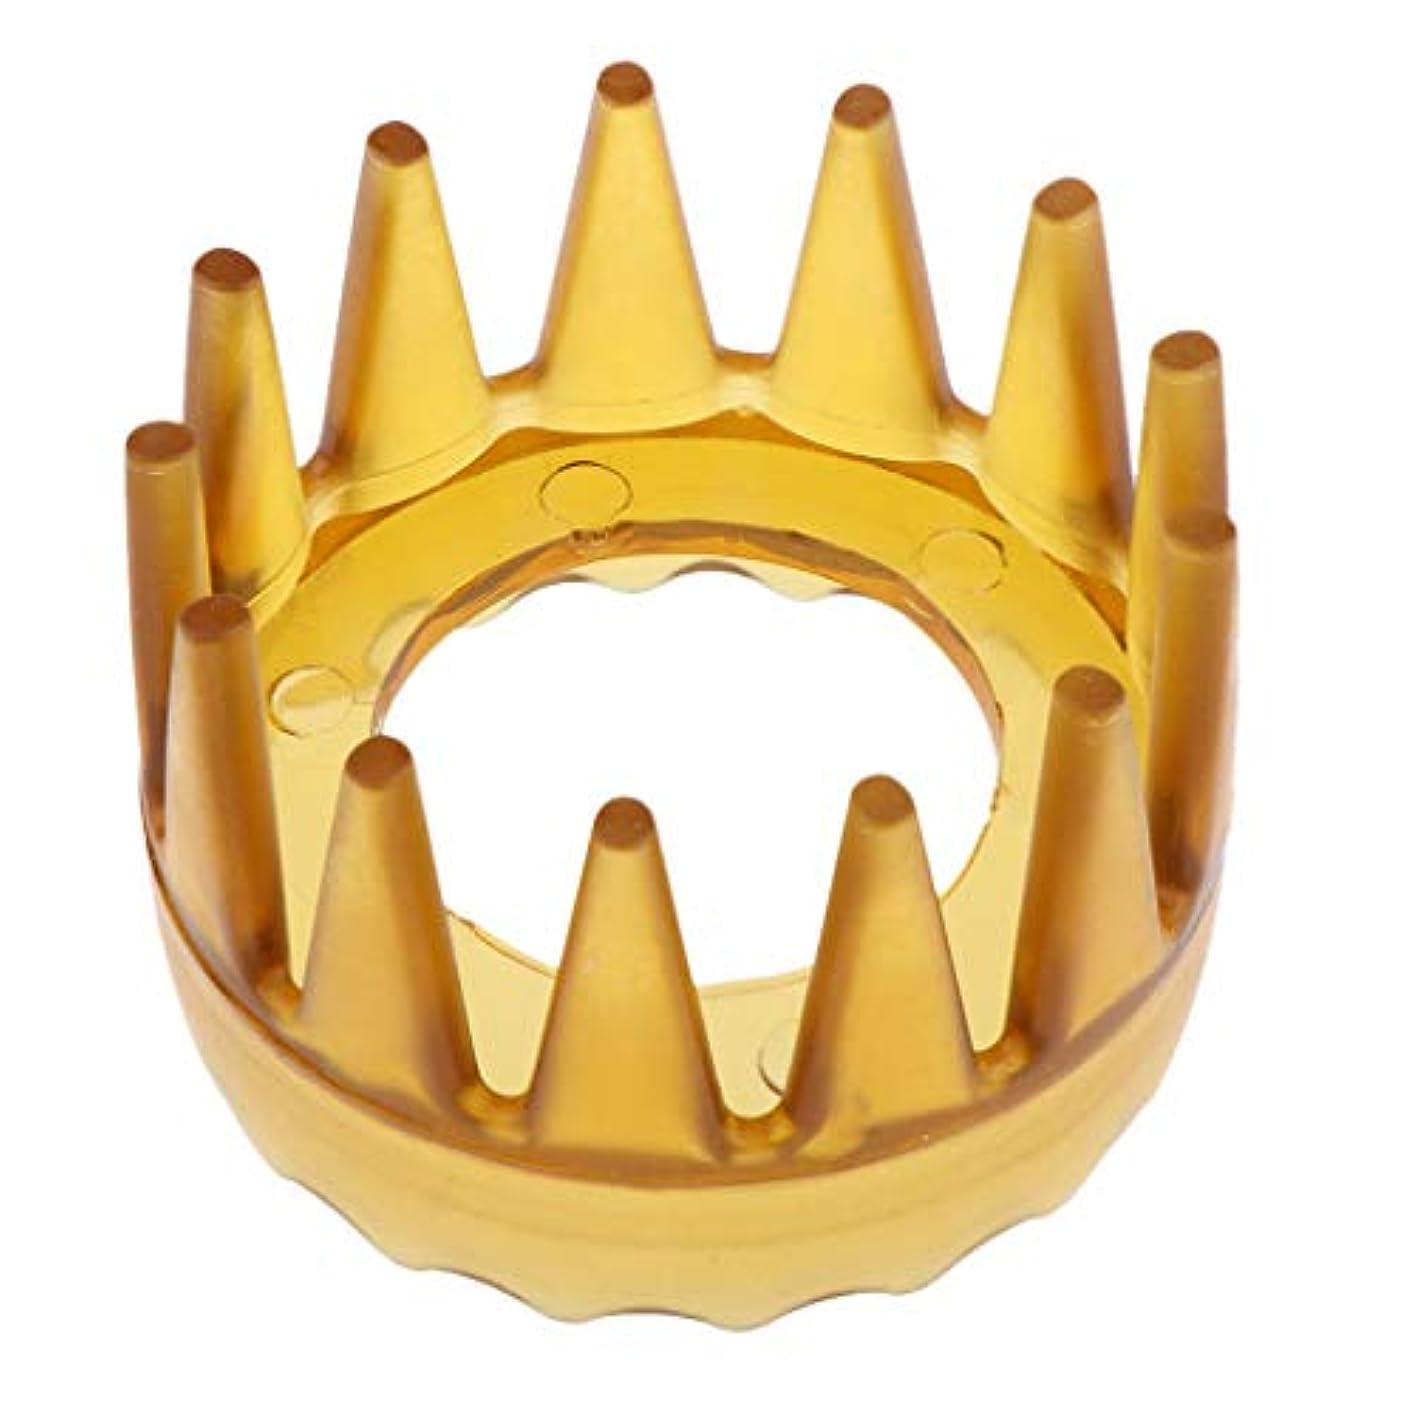 磁気故国作成者CUTICATE プラスチック製 シャンプーブラシ 洗髪櫛 マッサージャー ヘアコーム ヘアブラシ 直径約6cm 全4色 - 黄